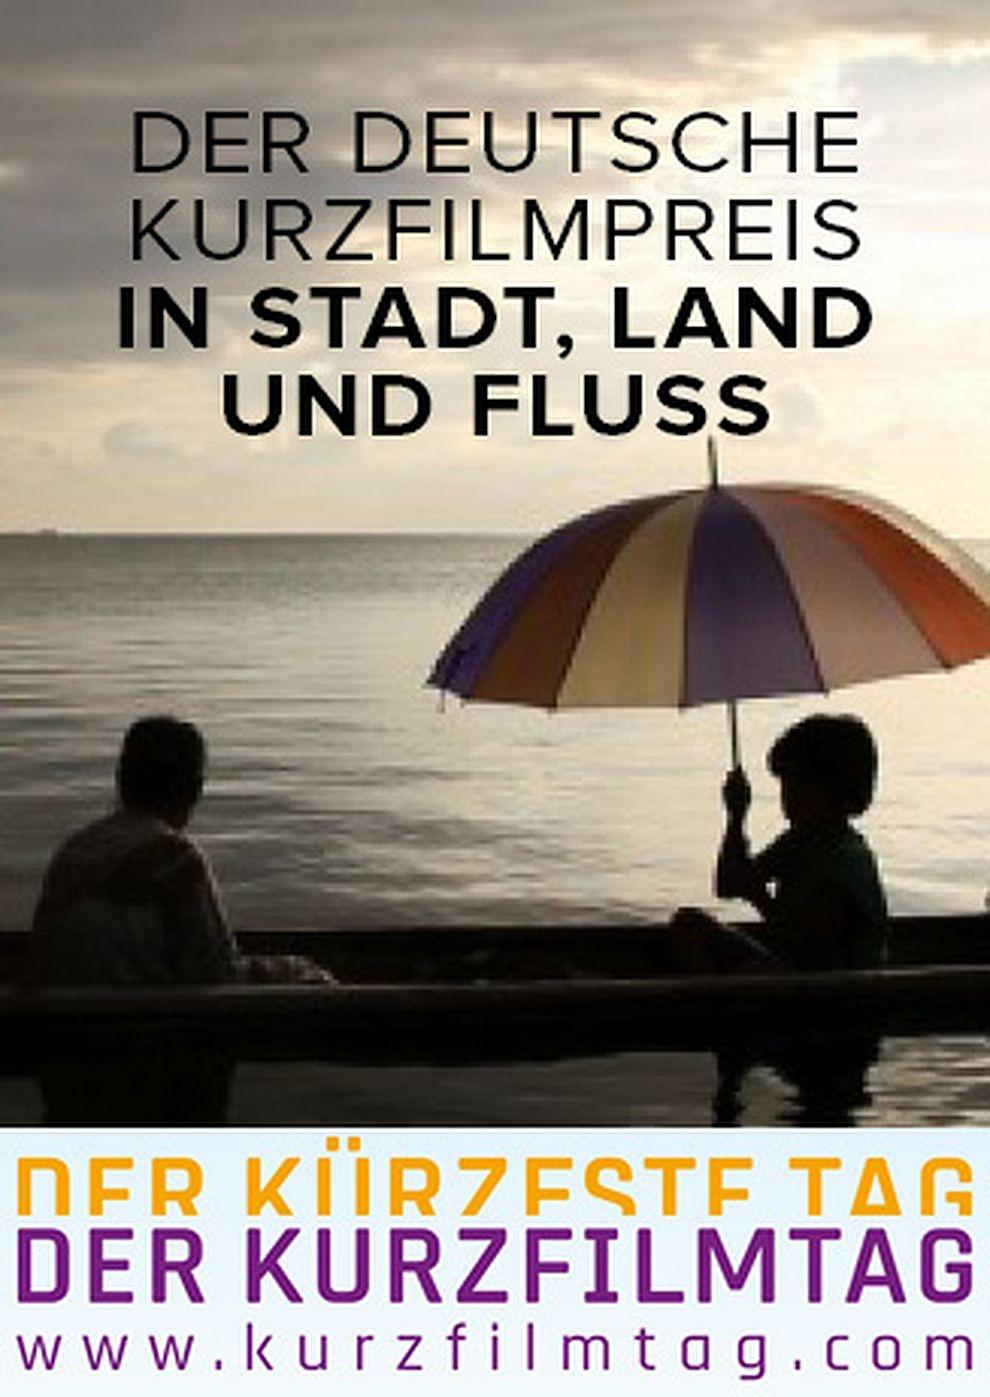 Kurz.Film.Tour. - Der deutsche Kurzfilmpreis. In Stadt, Land und Fluss. (Poster)